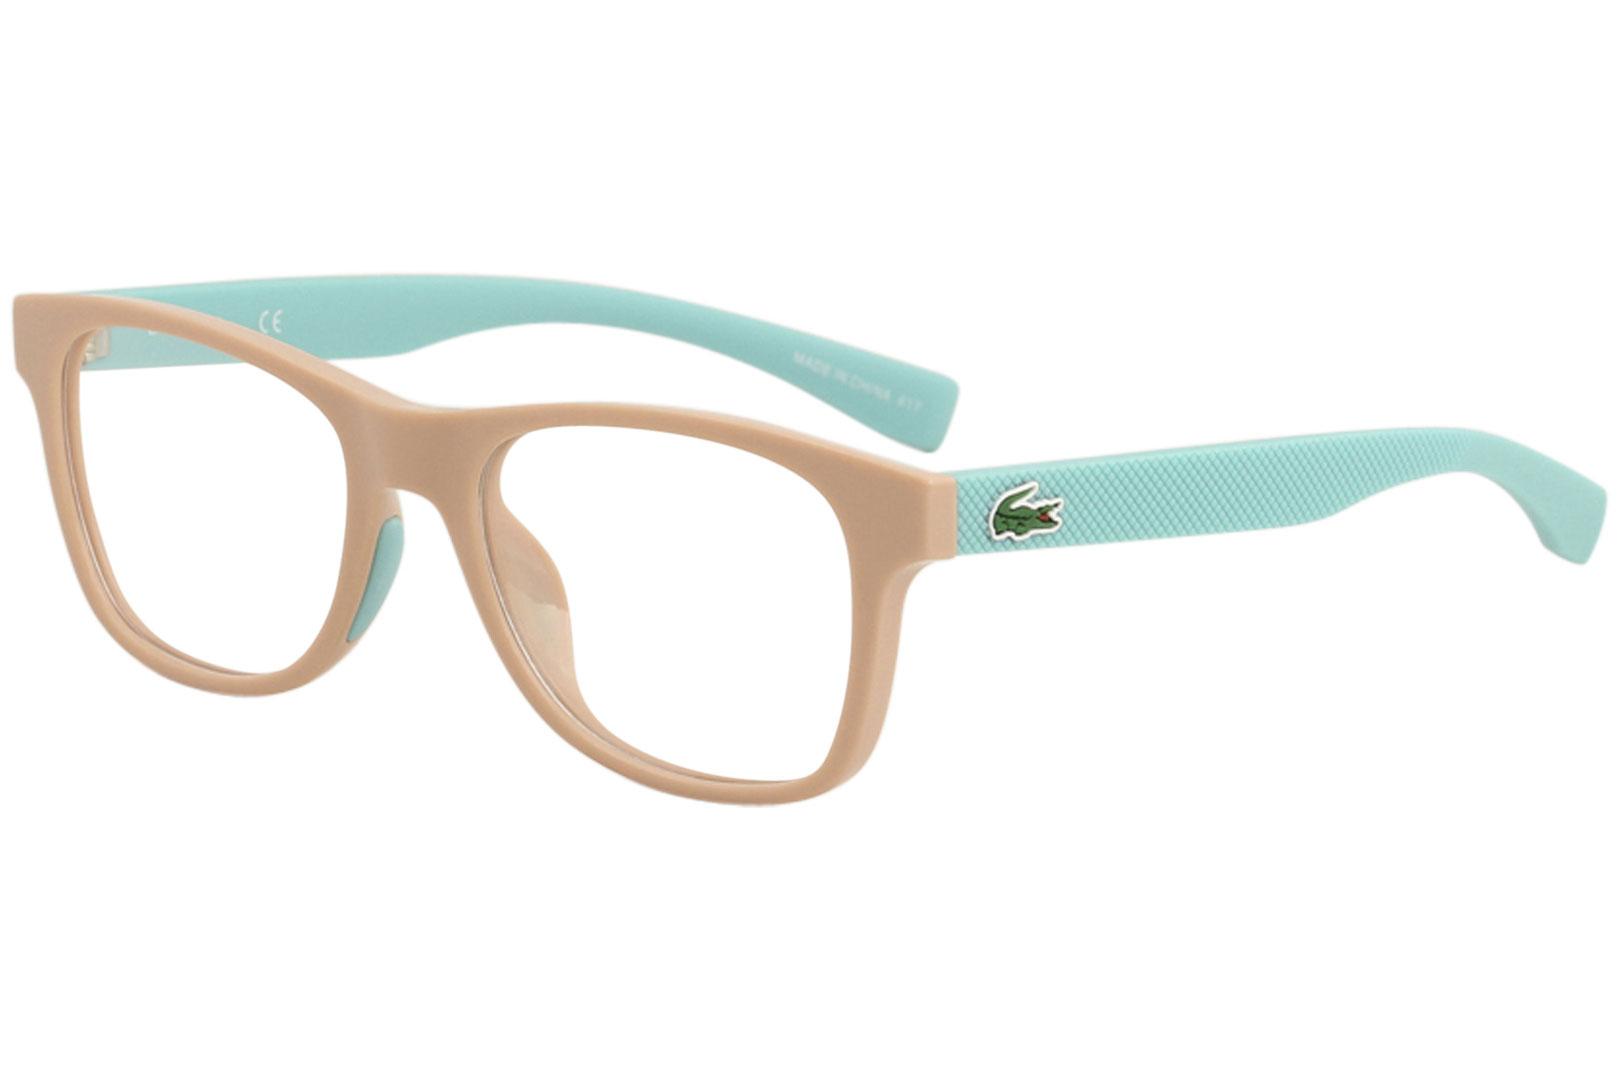 5c4ede798215 Lacoste Eyeglasses L3620 L 3620 662 Light Rose Full Rim Optical ...